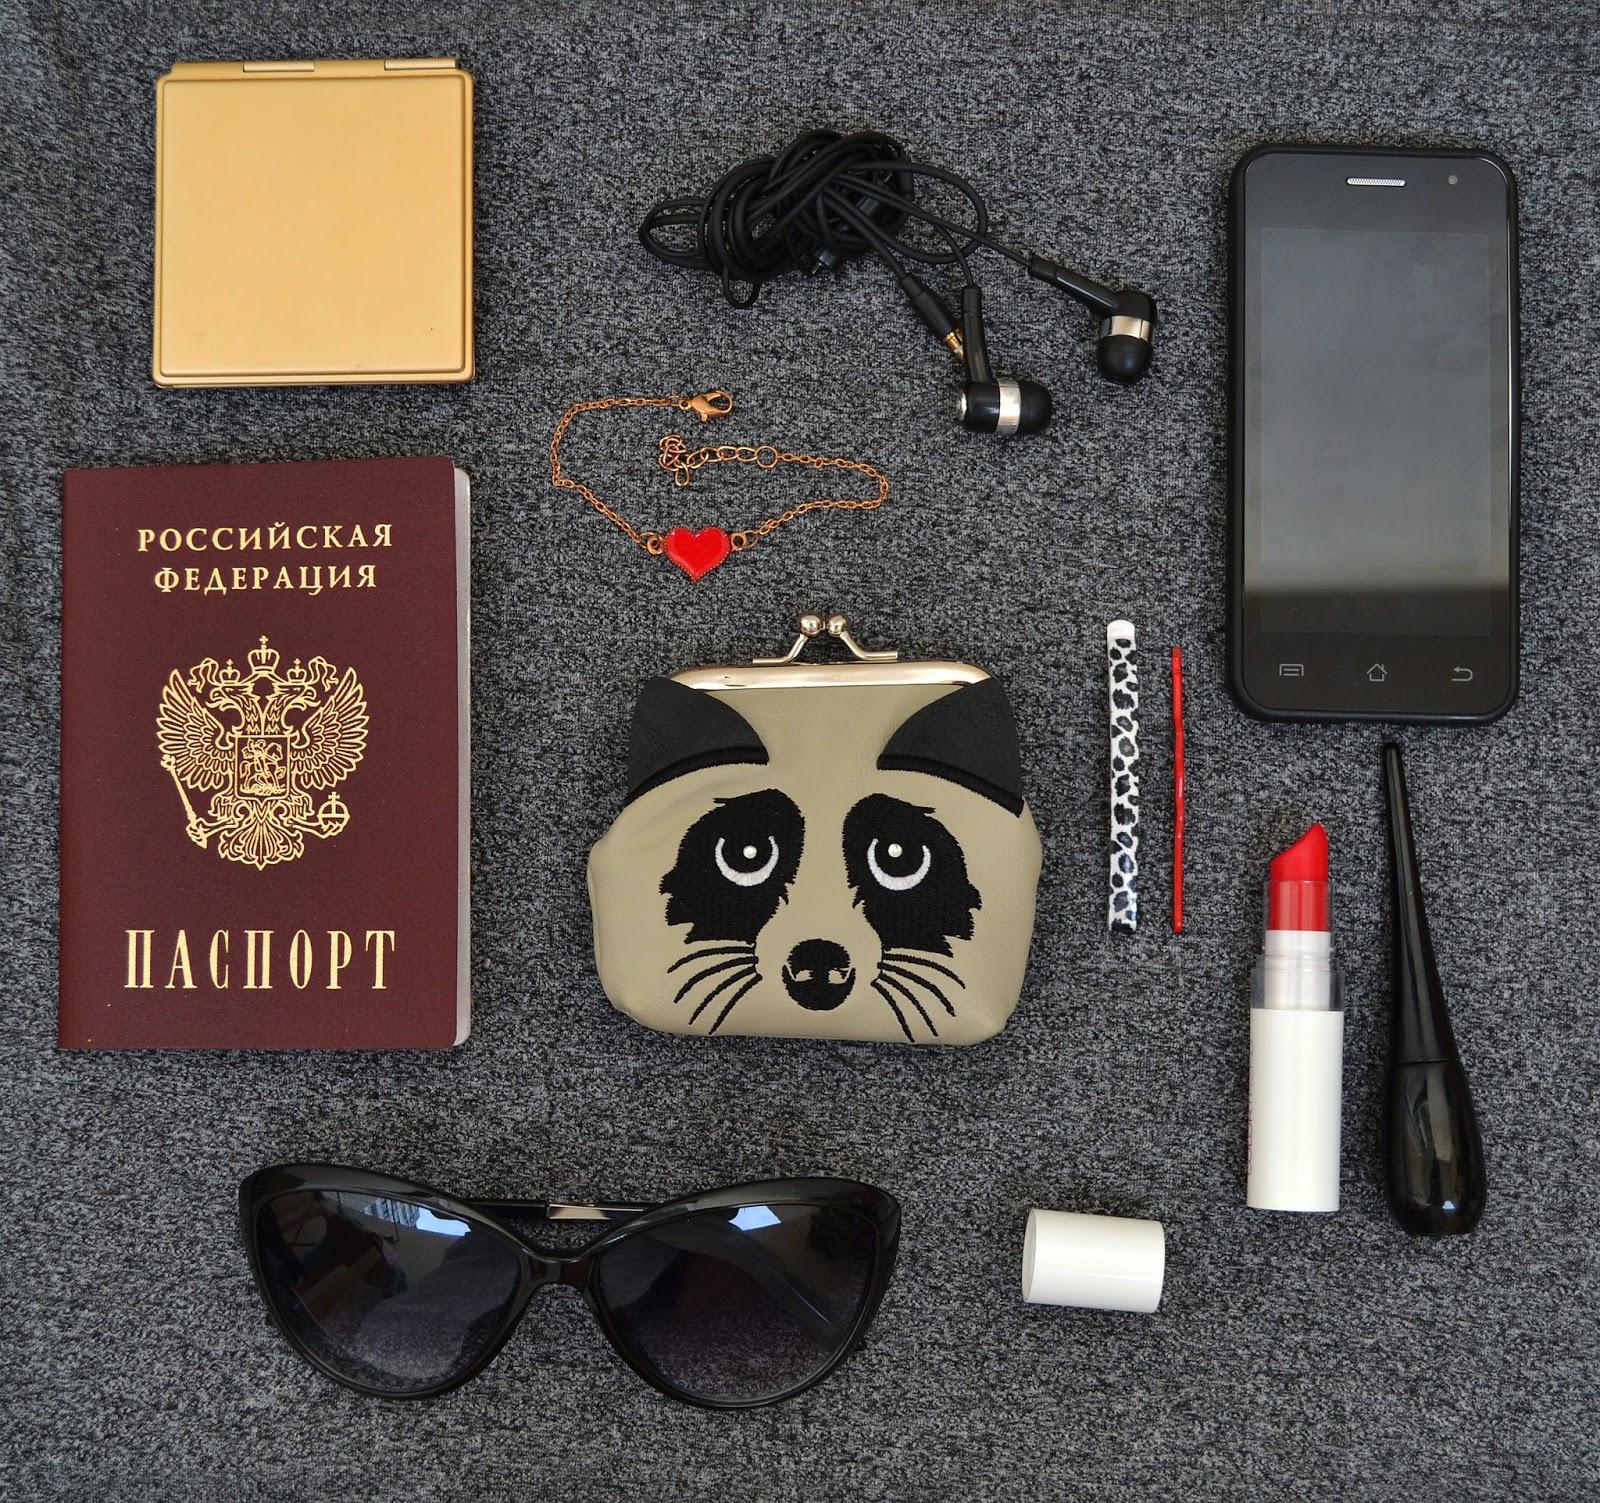 bag, сумочка, что лежит в сумке